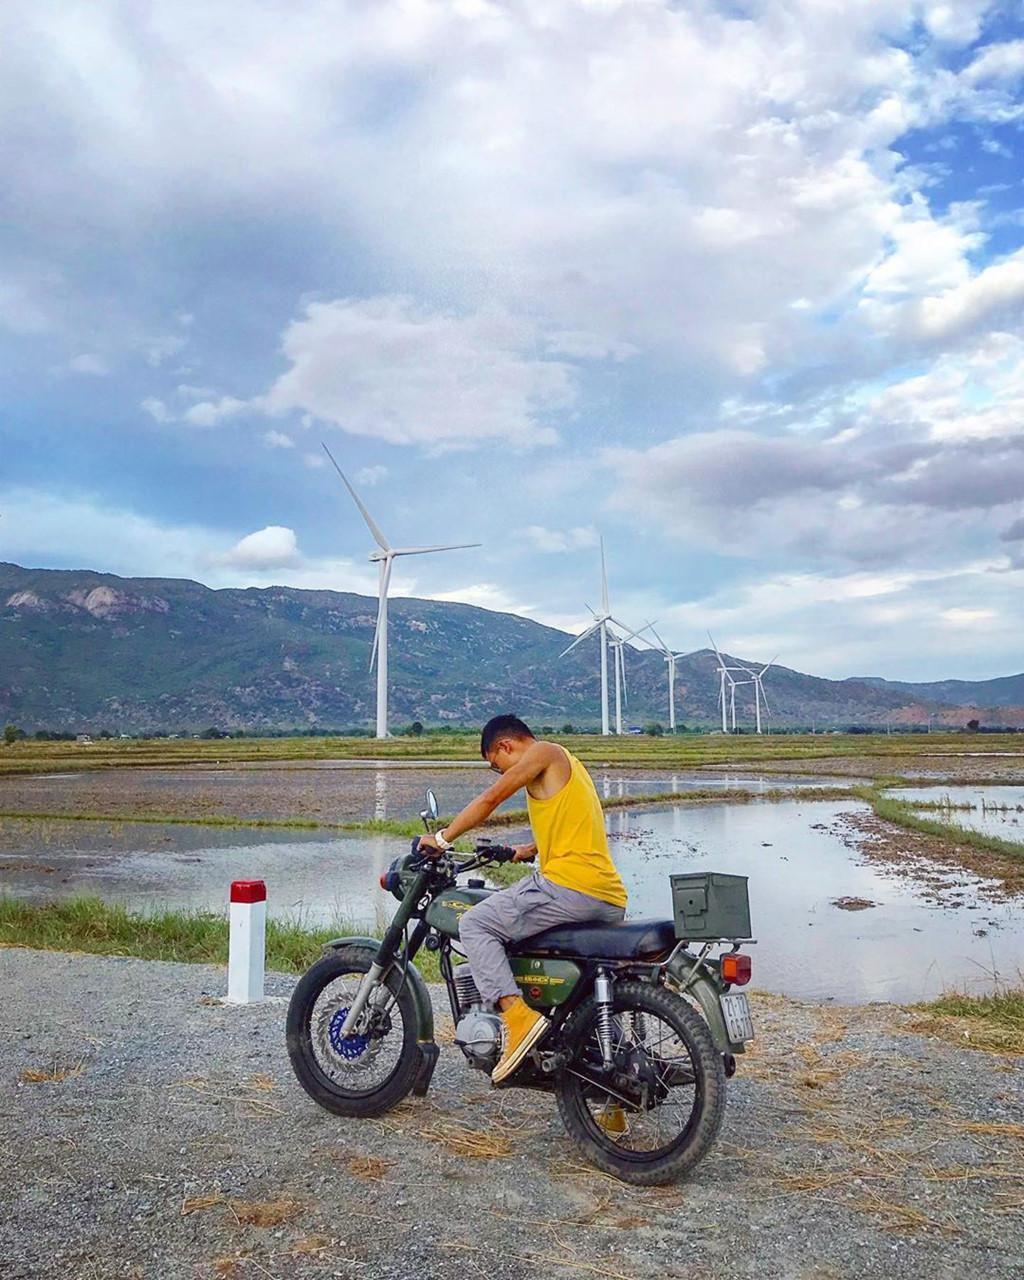 4 cánh đồng quạt gió ở Việt Nam được hội mê sống ảo săn lùng Ảnh 2